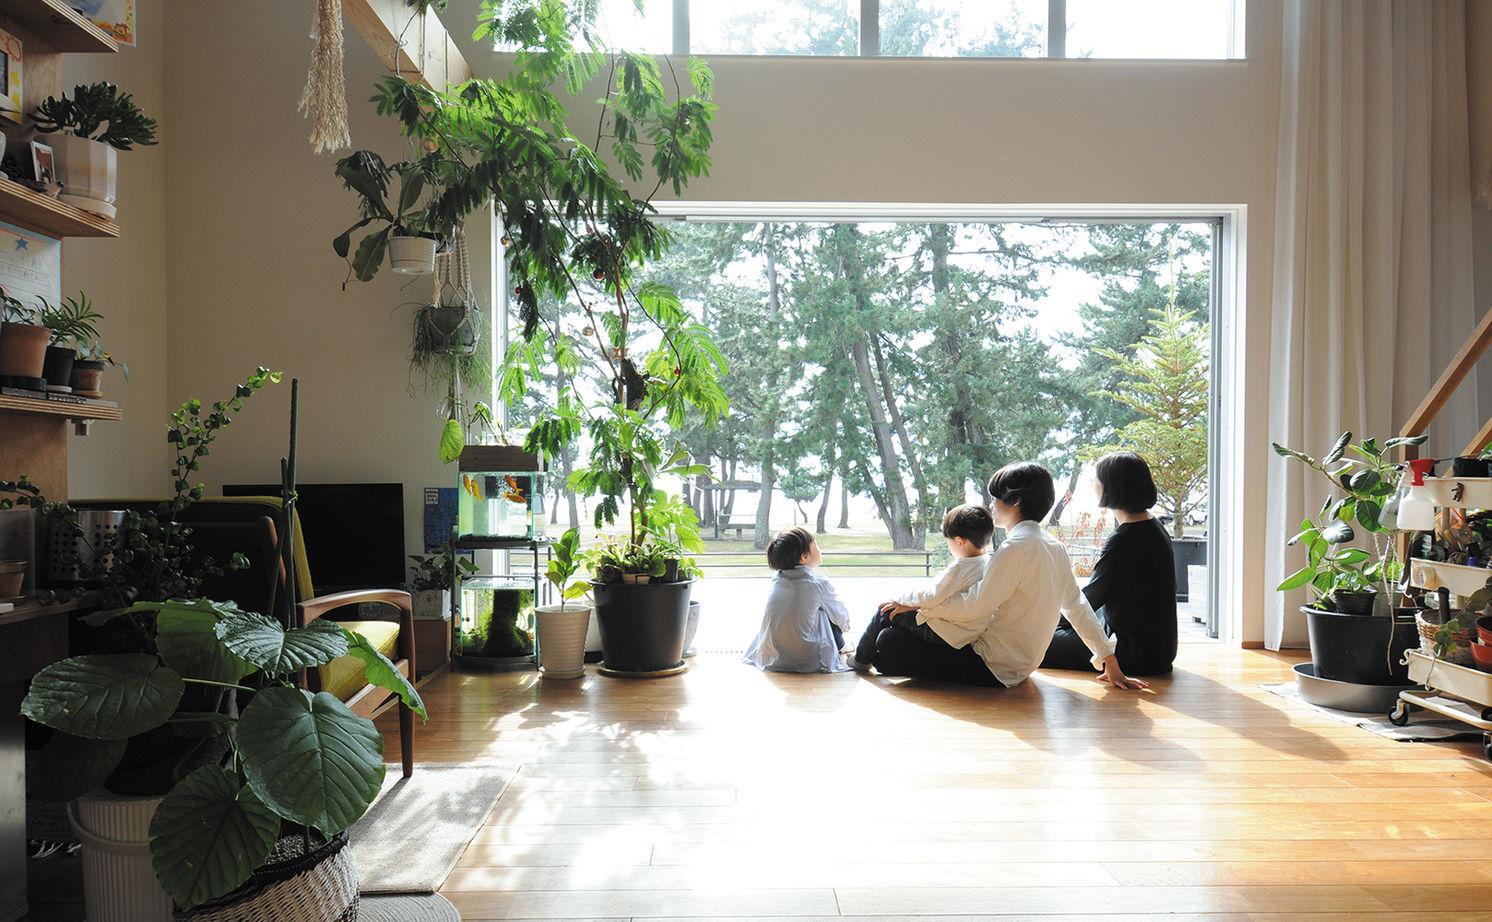 【2100~2200万円】大きな窓に広いテラス、吹き抜けで空間全体が繋がる湖の景色と暮らす家画像3